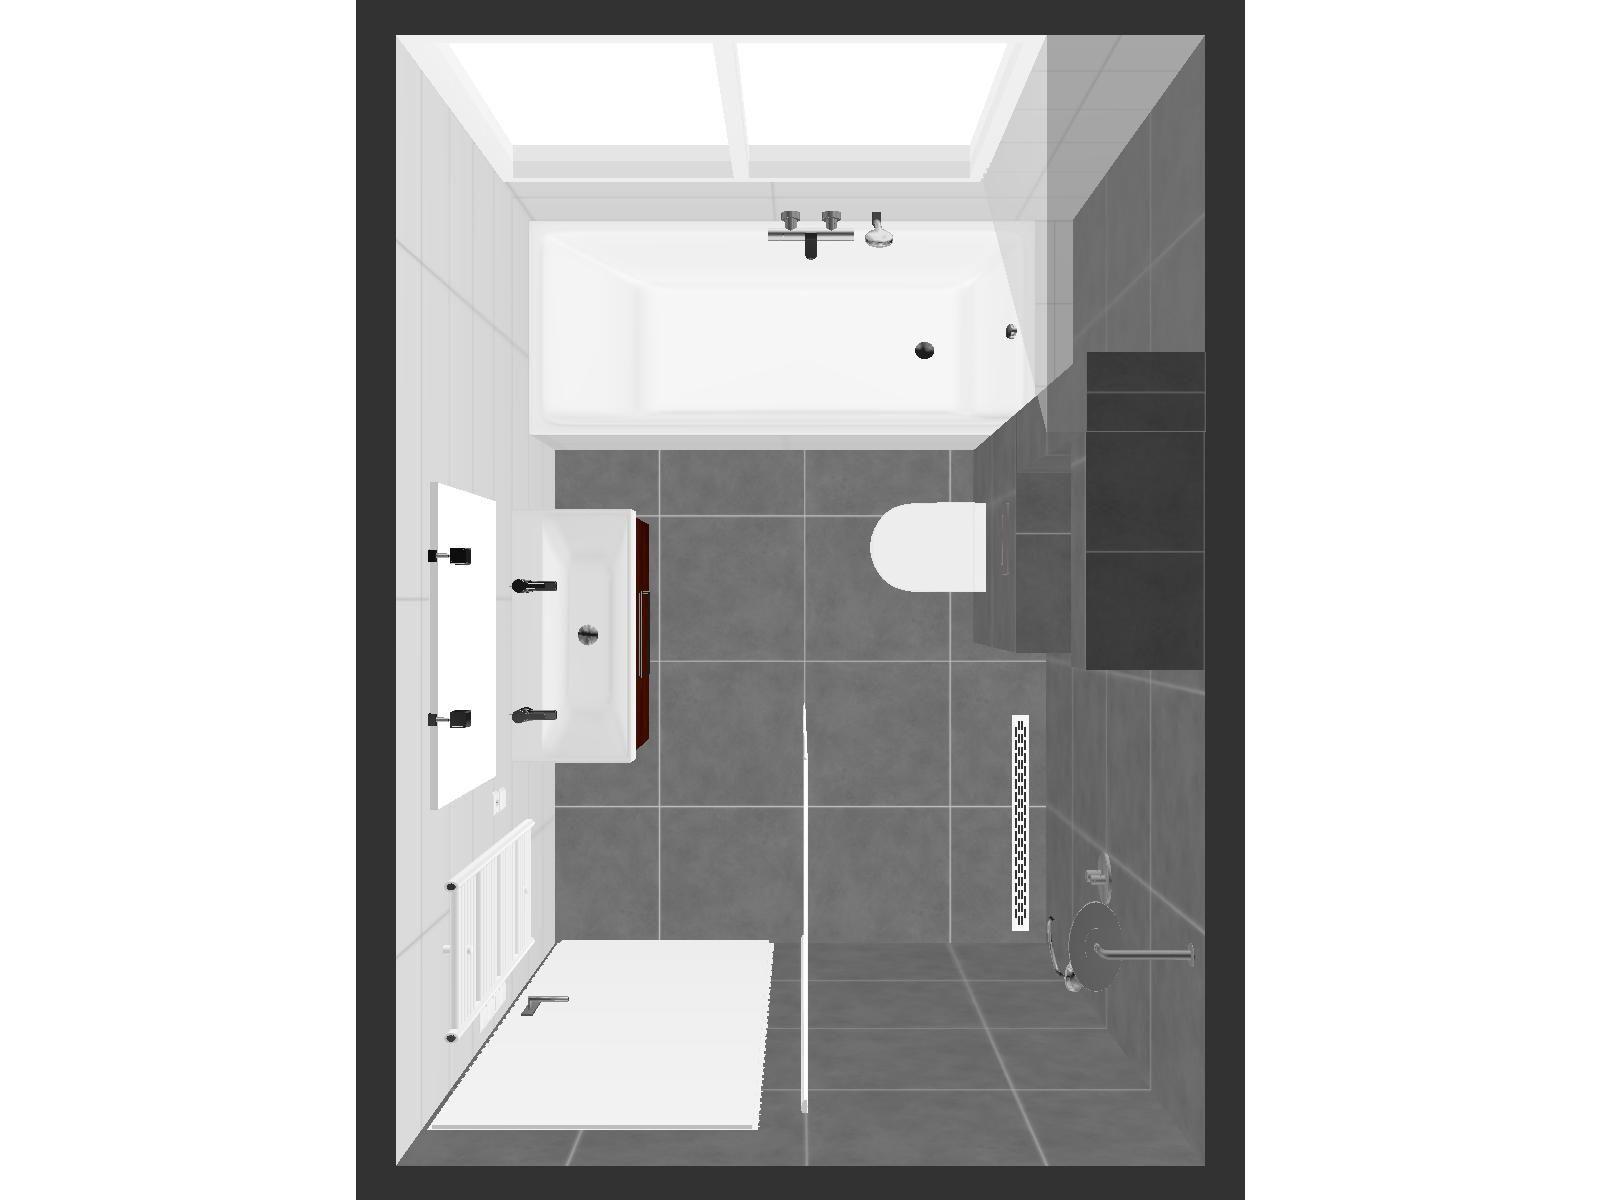 3d badkamerontwerp sanidrome ijsselmuiden grootebroek for Inrichting badkamer 3d